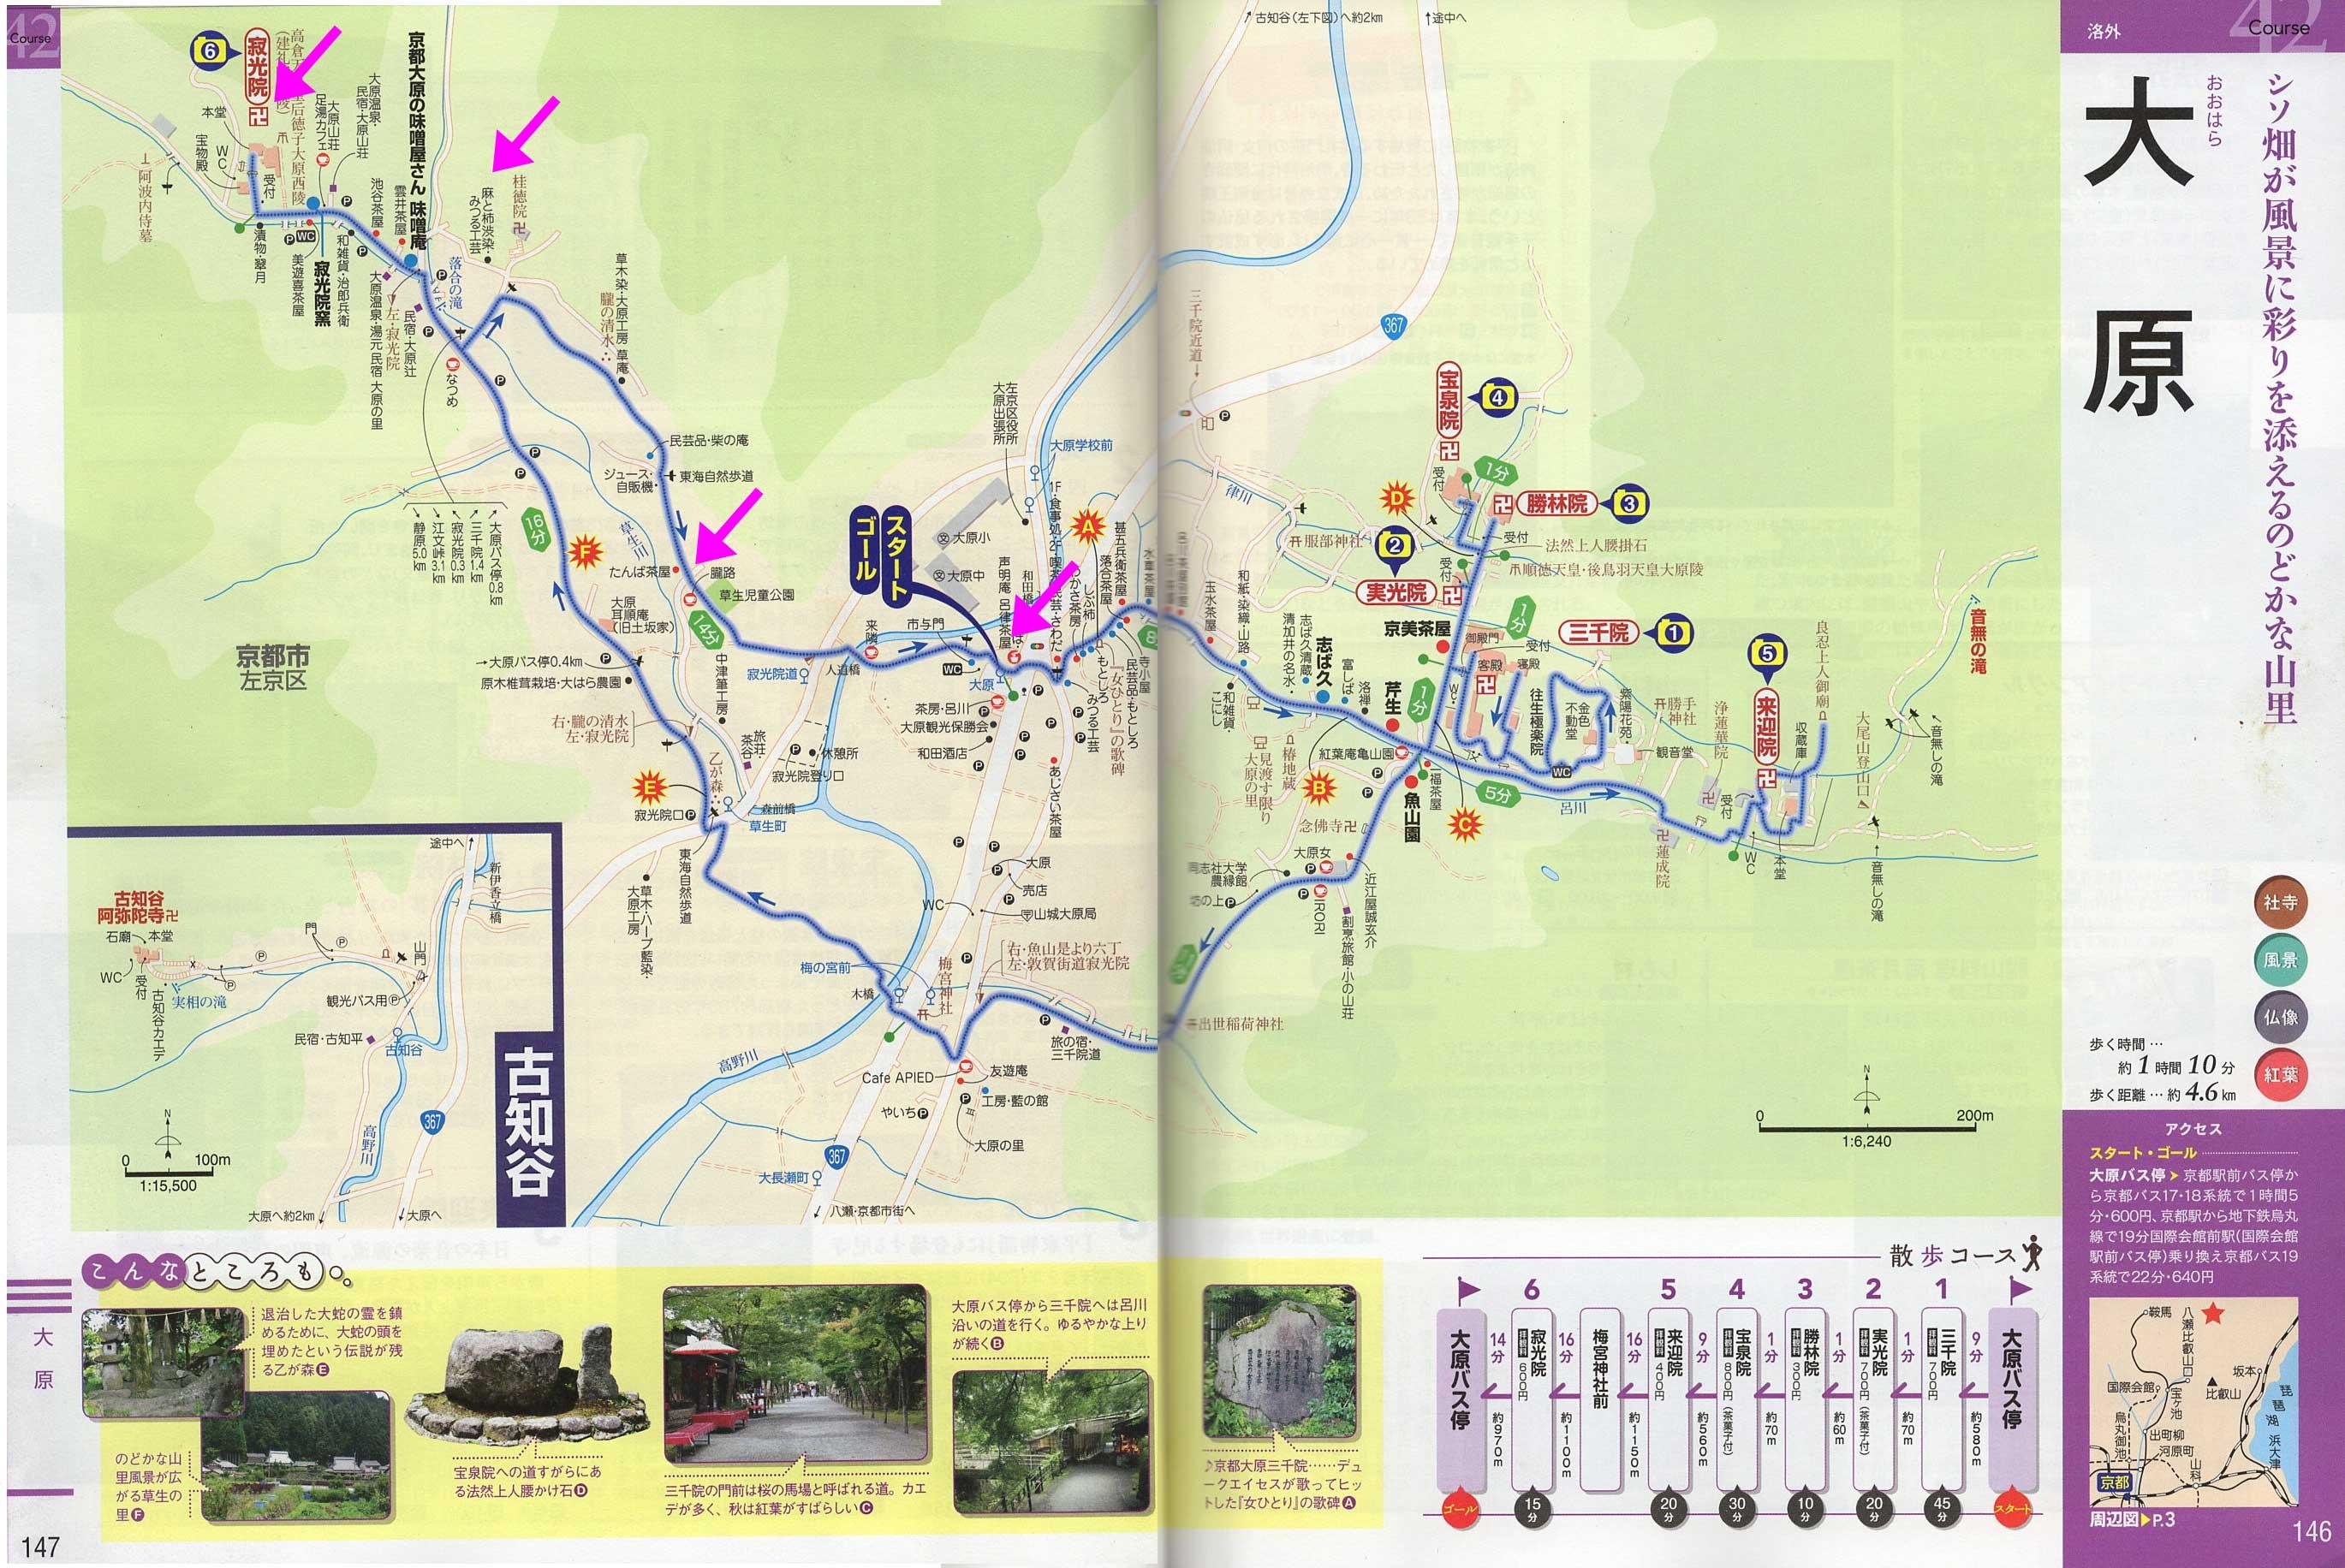 ohara_map.jpg